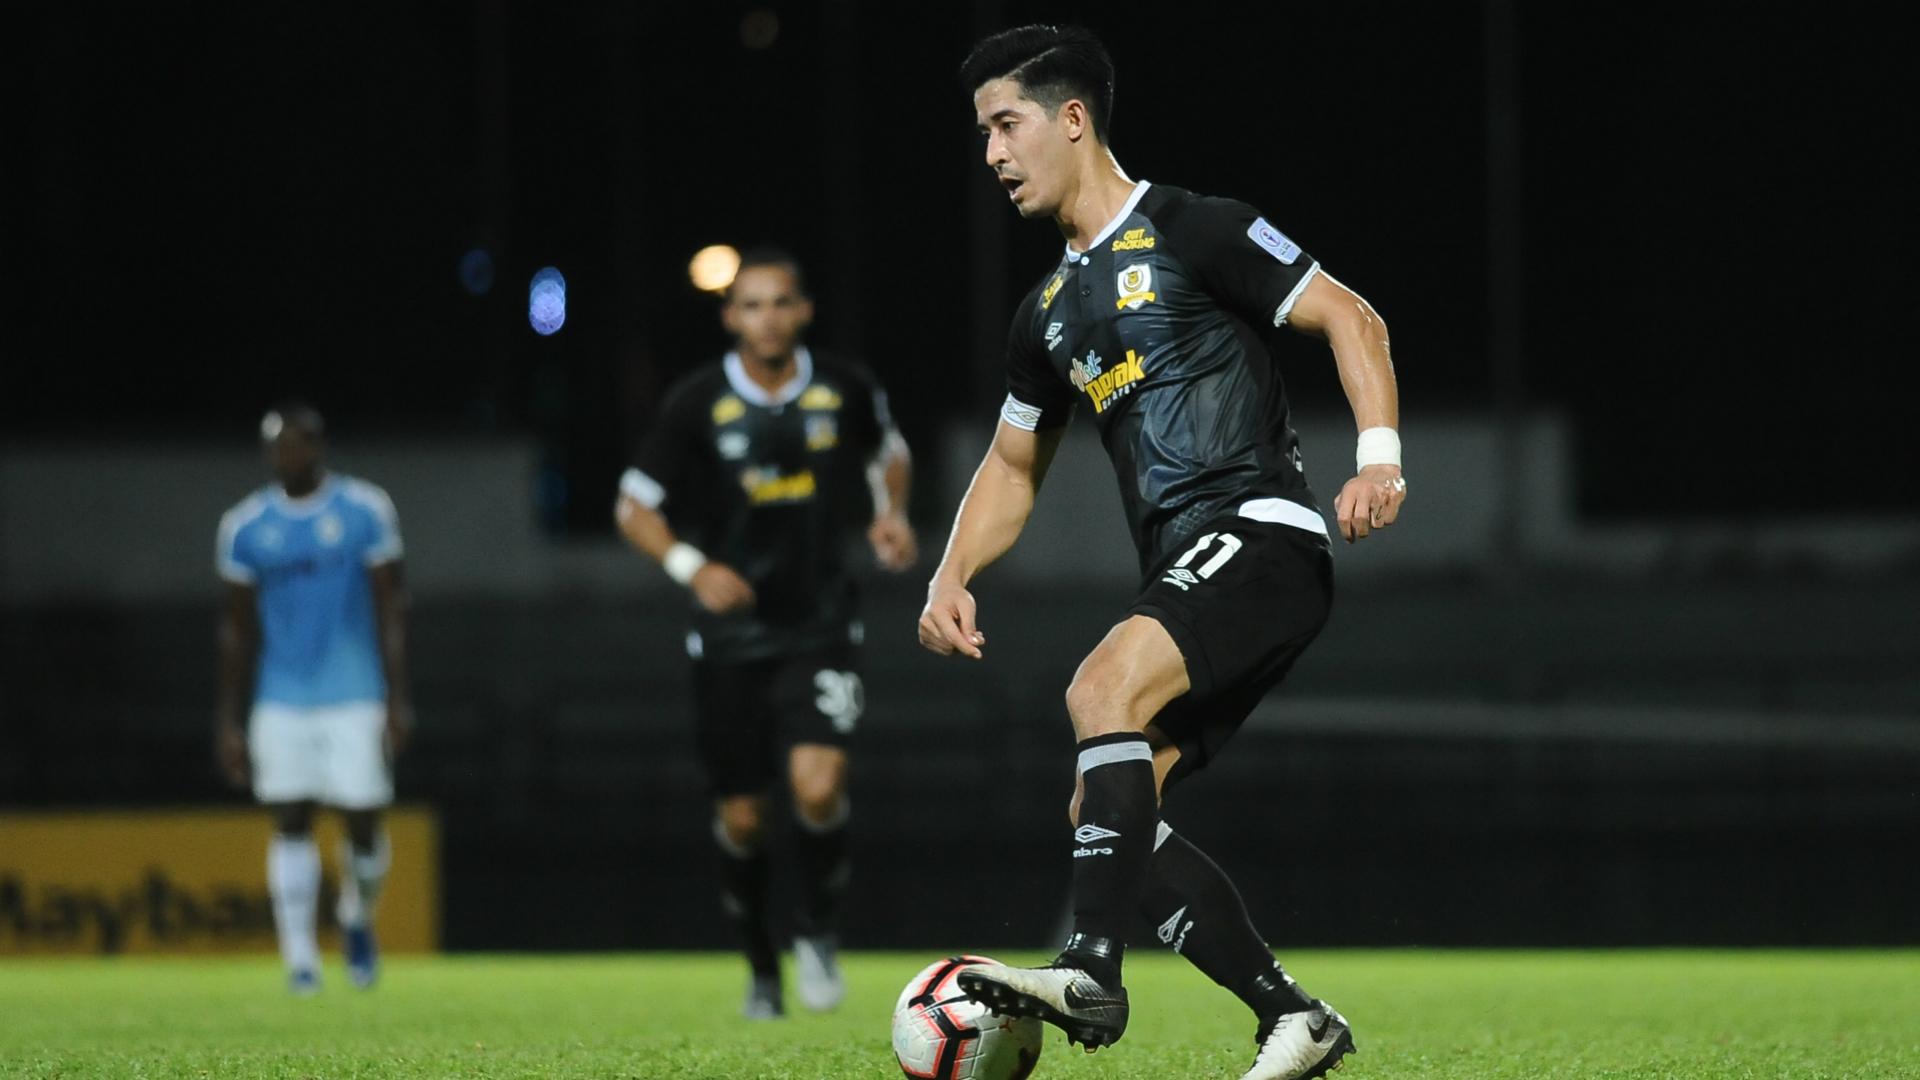 Brendan Gan, PJ City FC v Perak, Malaysia Super League, 14 Jun 2019